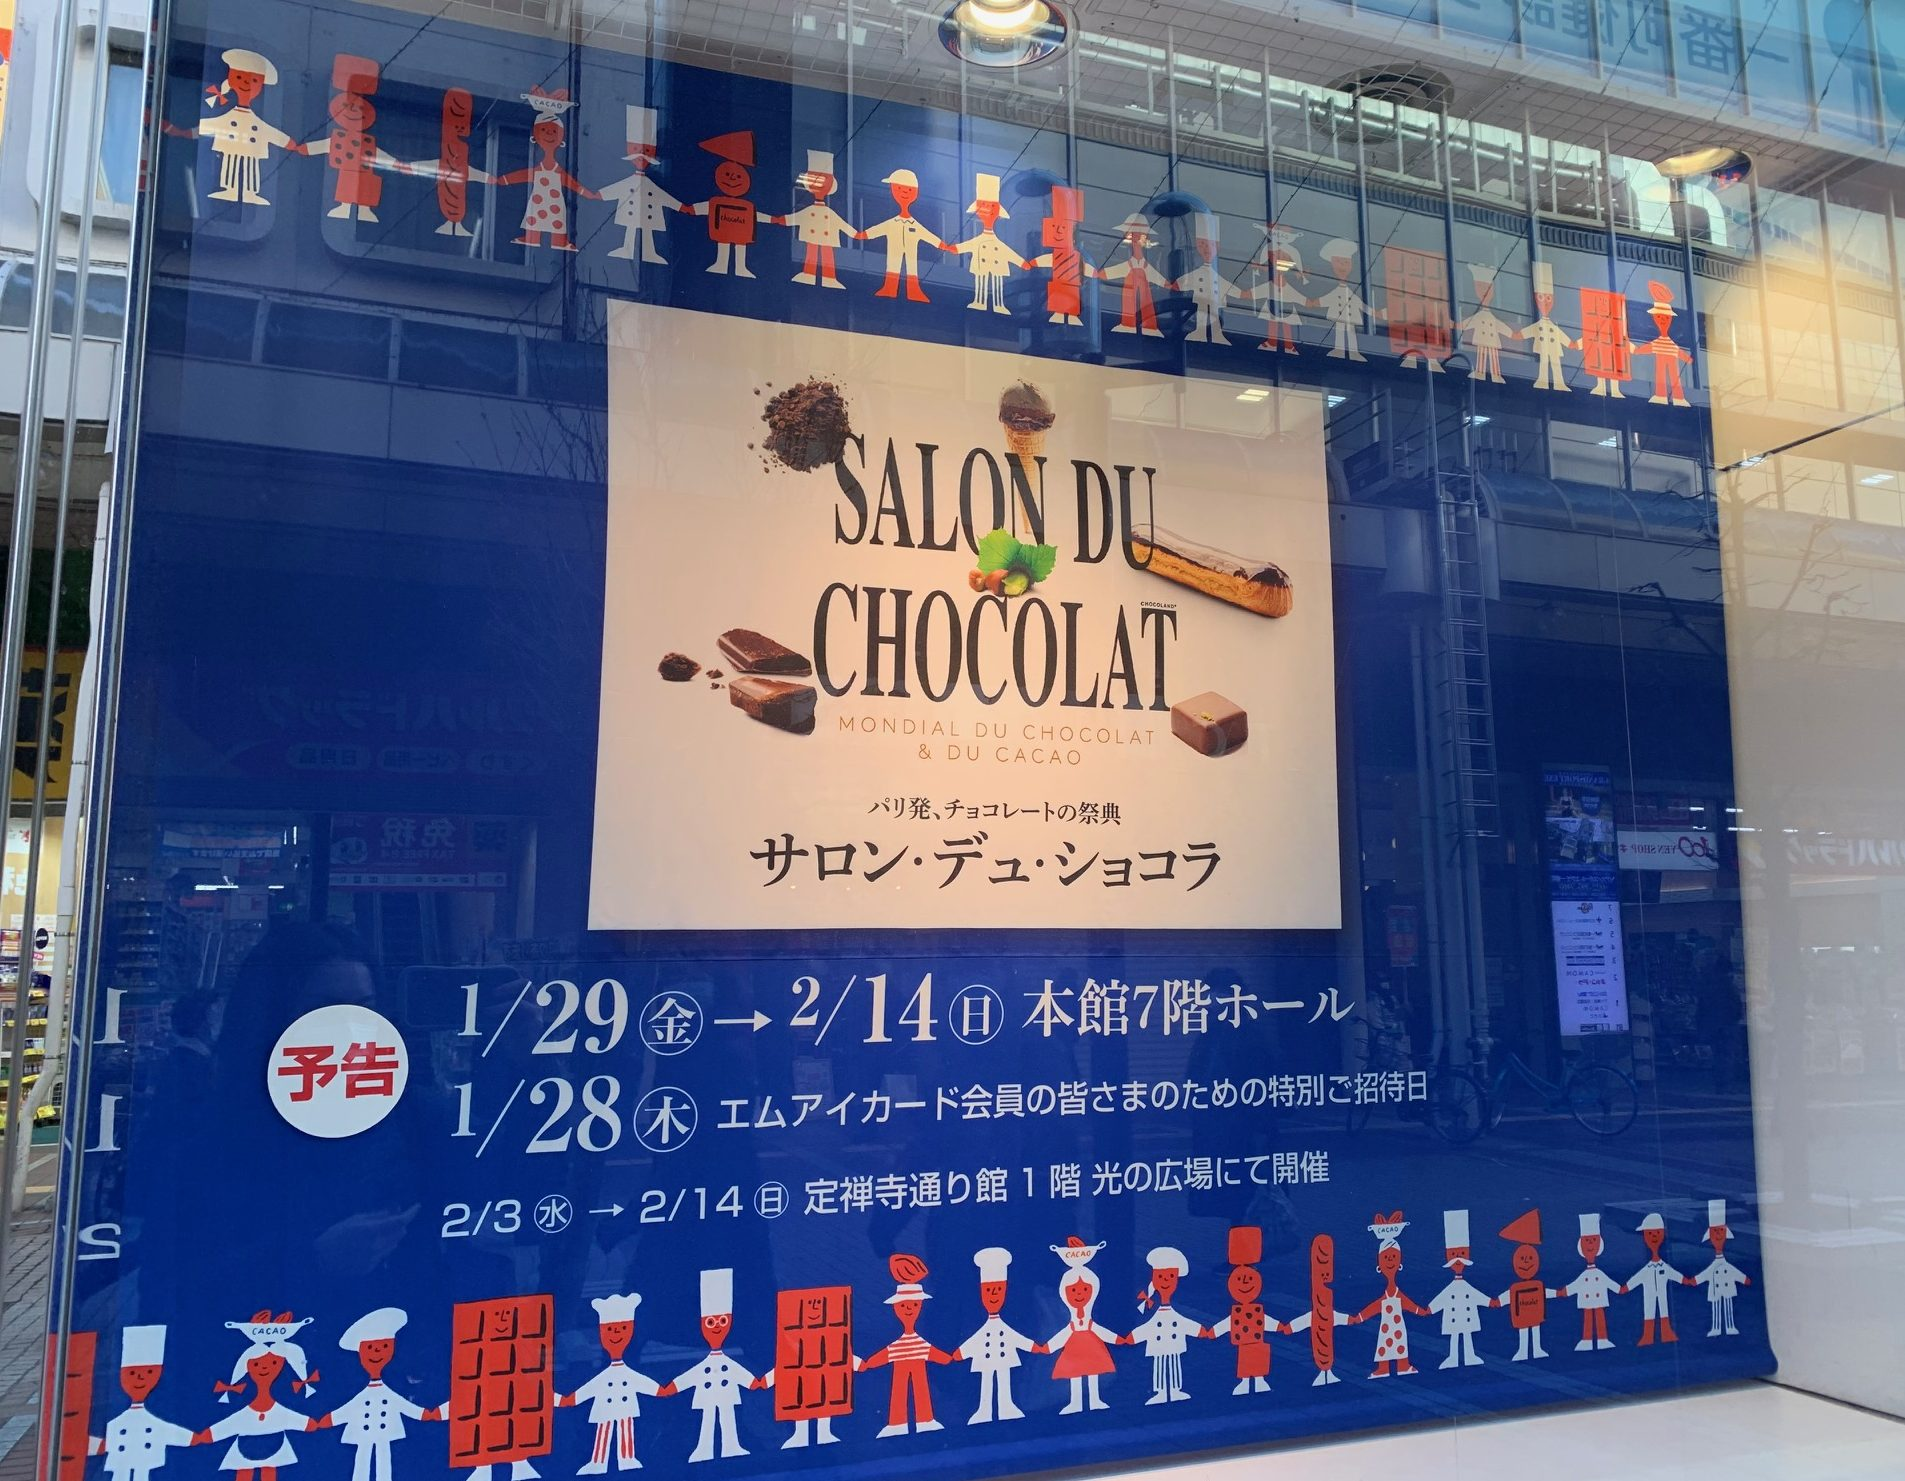 ショコラ 仙台 デュ サロン